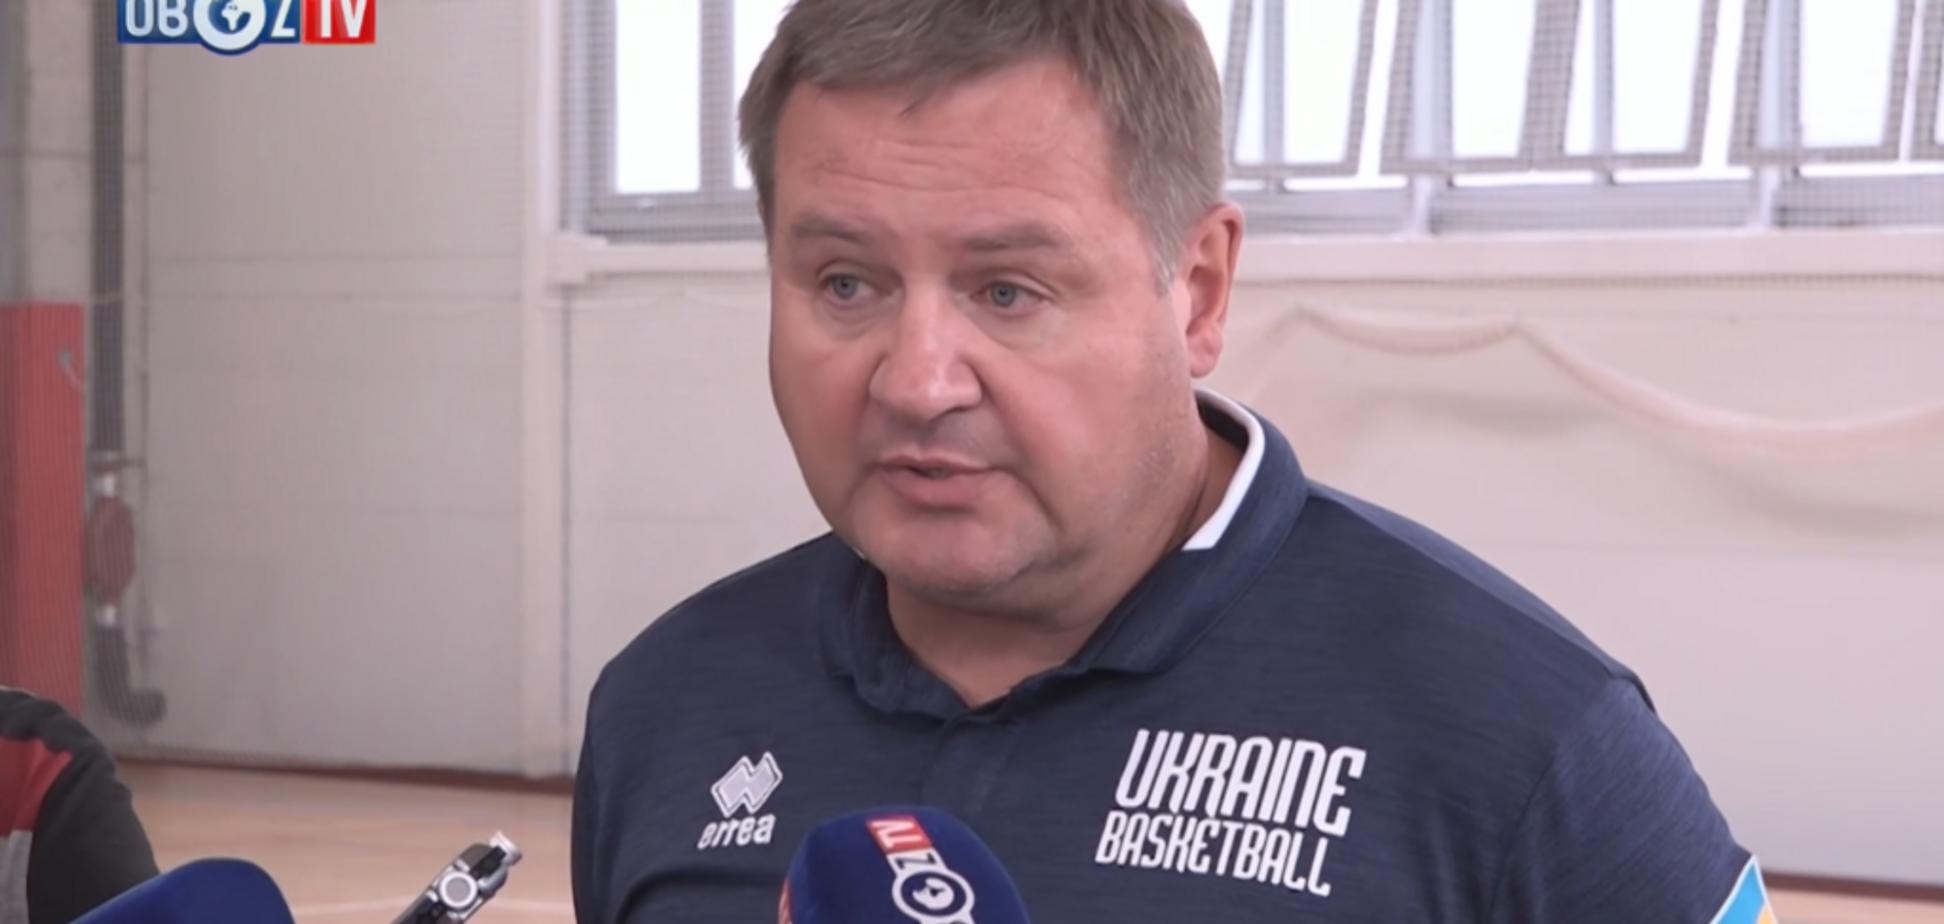 Збірна України з баскетболу зібрала найсильніший склад